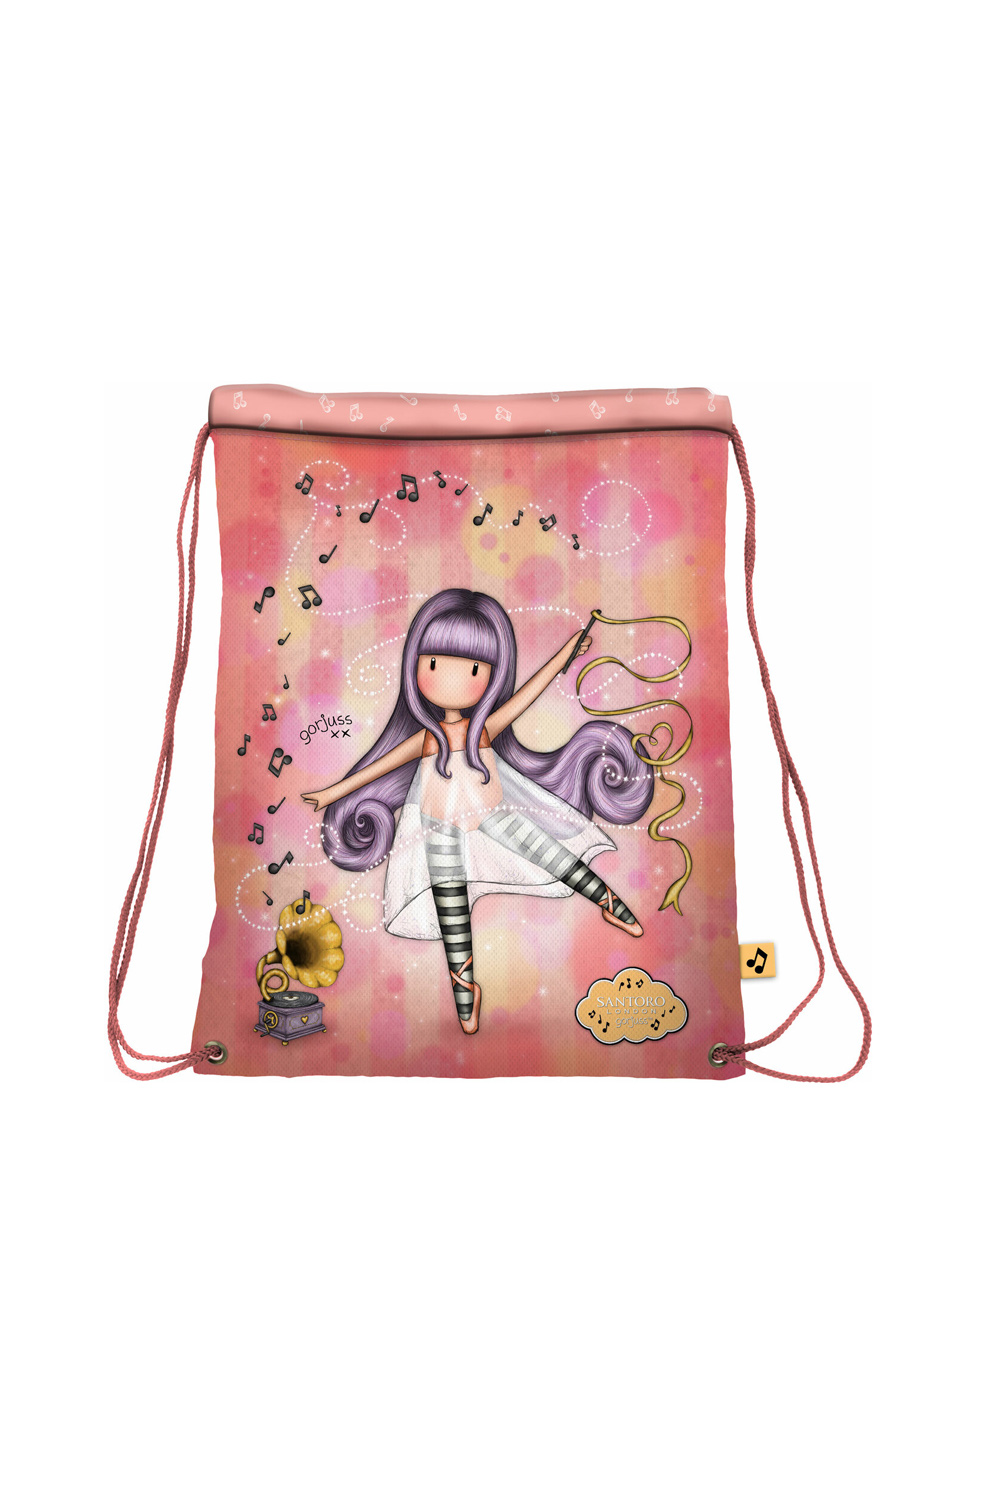 Santoro salmon tighten drawstring bag Gorjuss Little Dancer